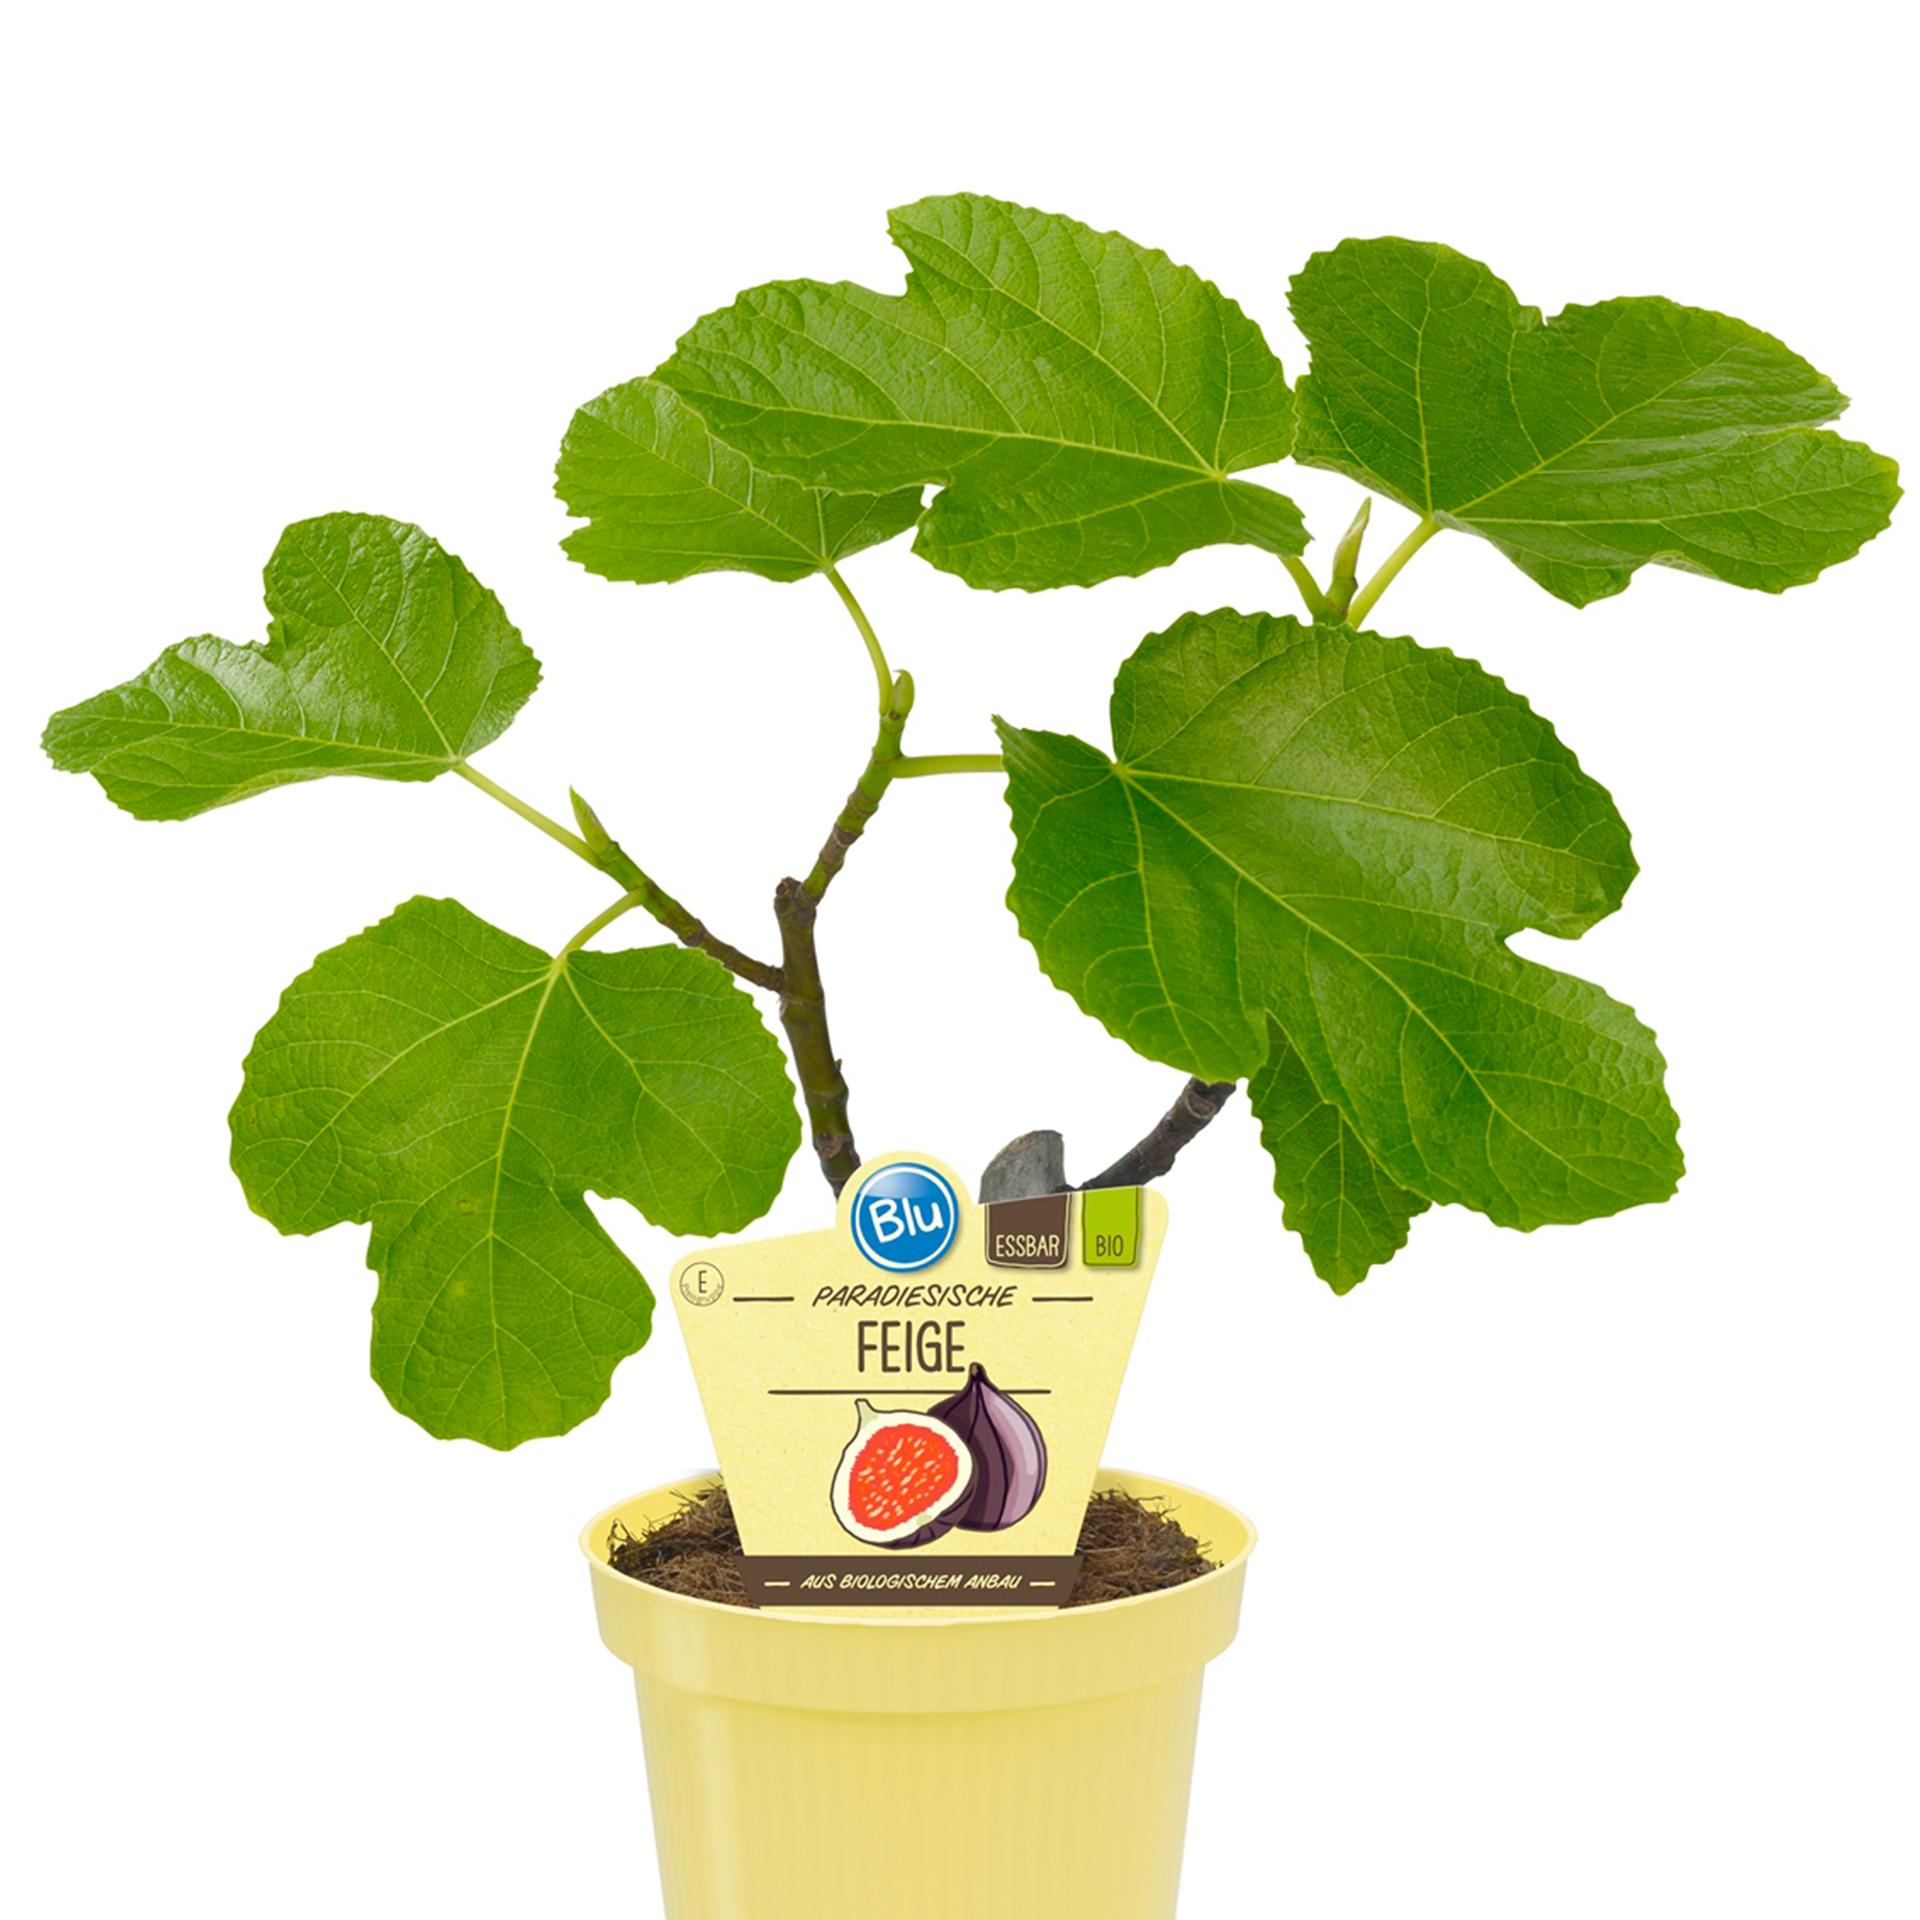 BIO Feige - Ficus carica, 12cm Topf